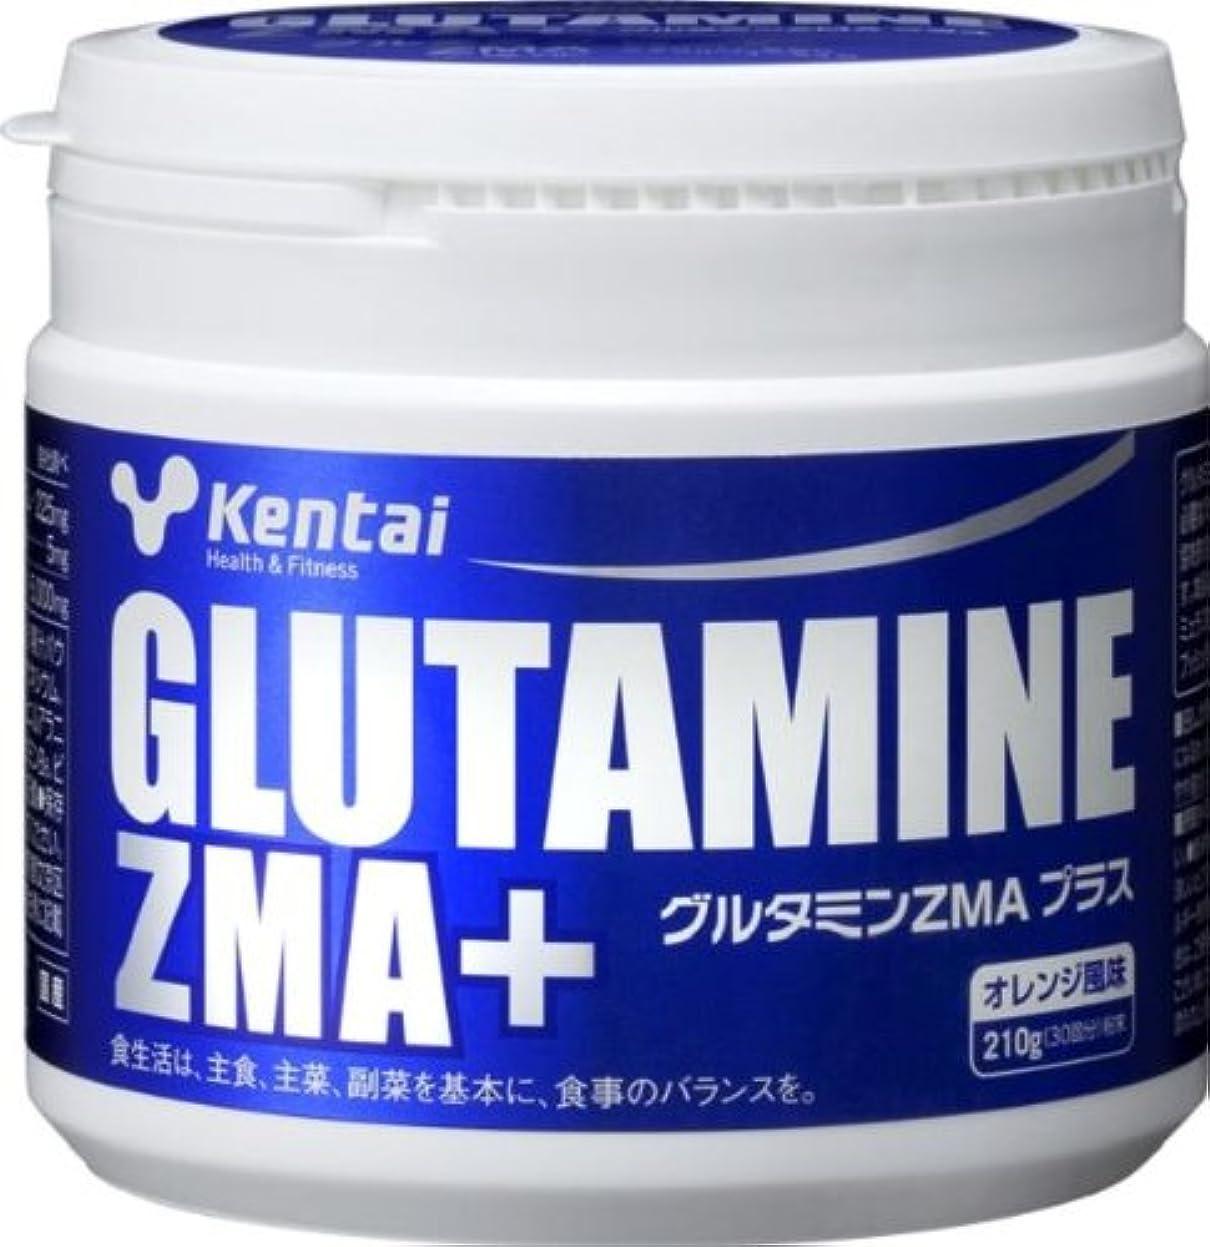 常習的白内障ジャンプするKentai グルタミンZMAプラス オレンジ 210g